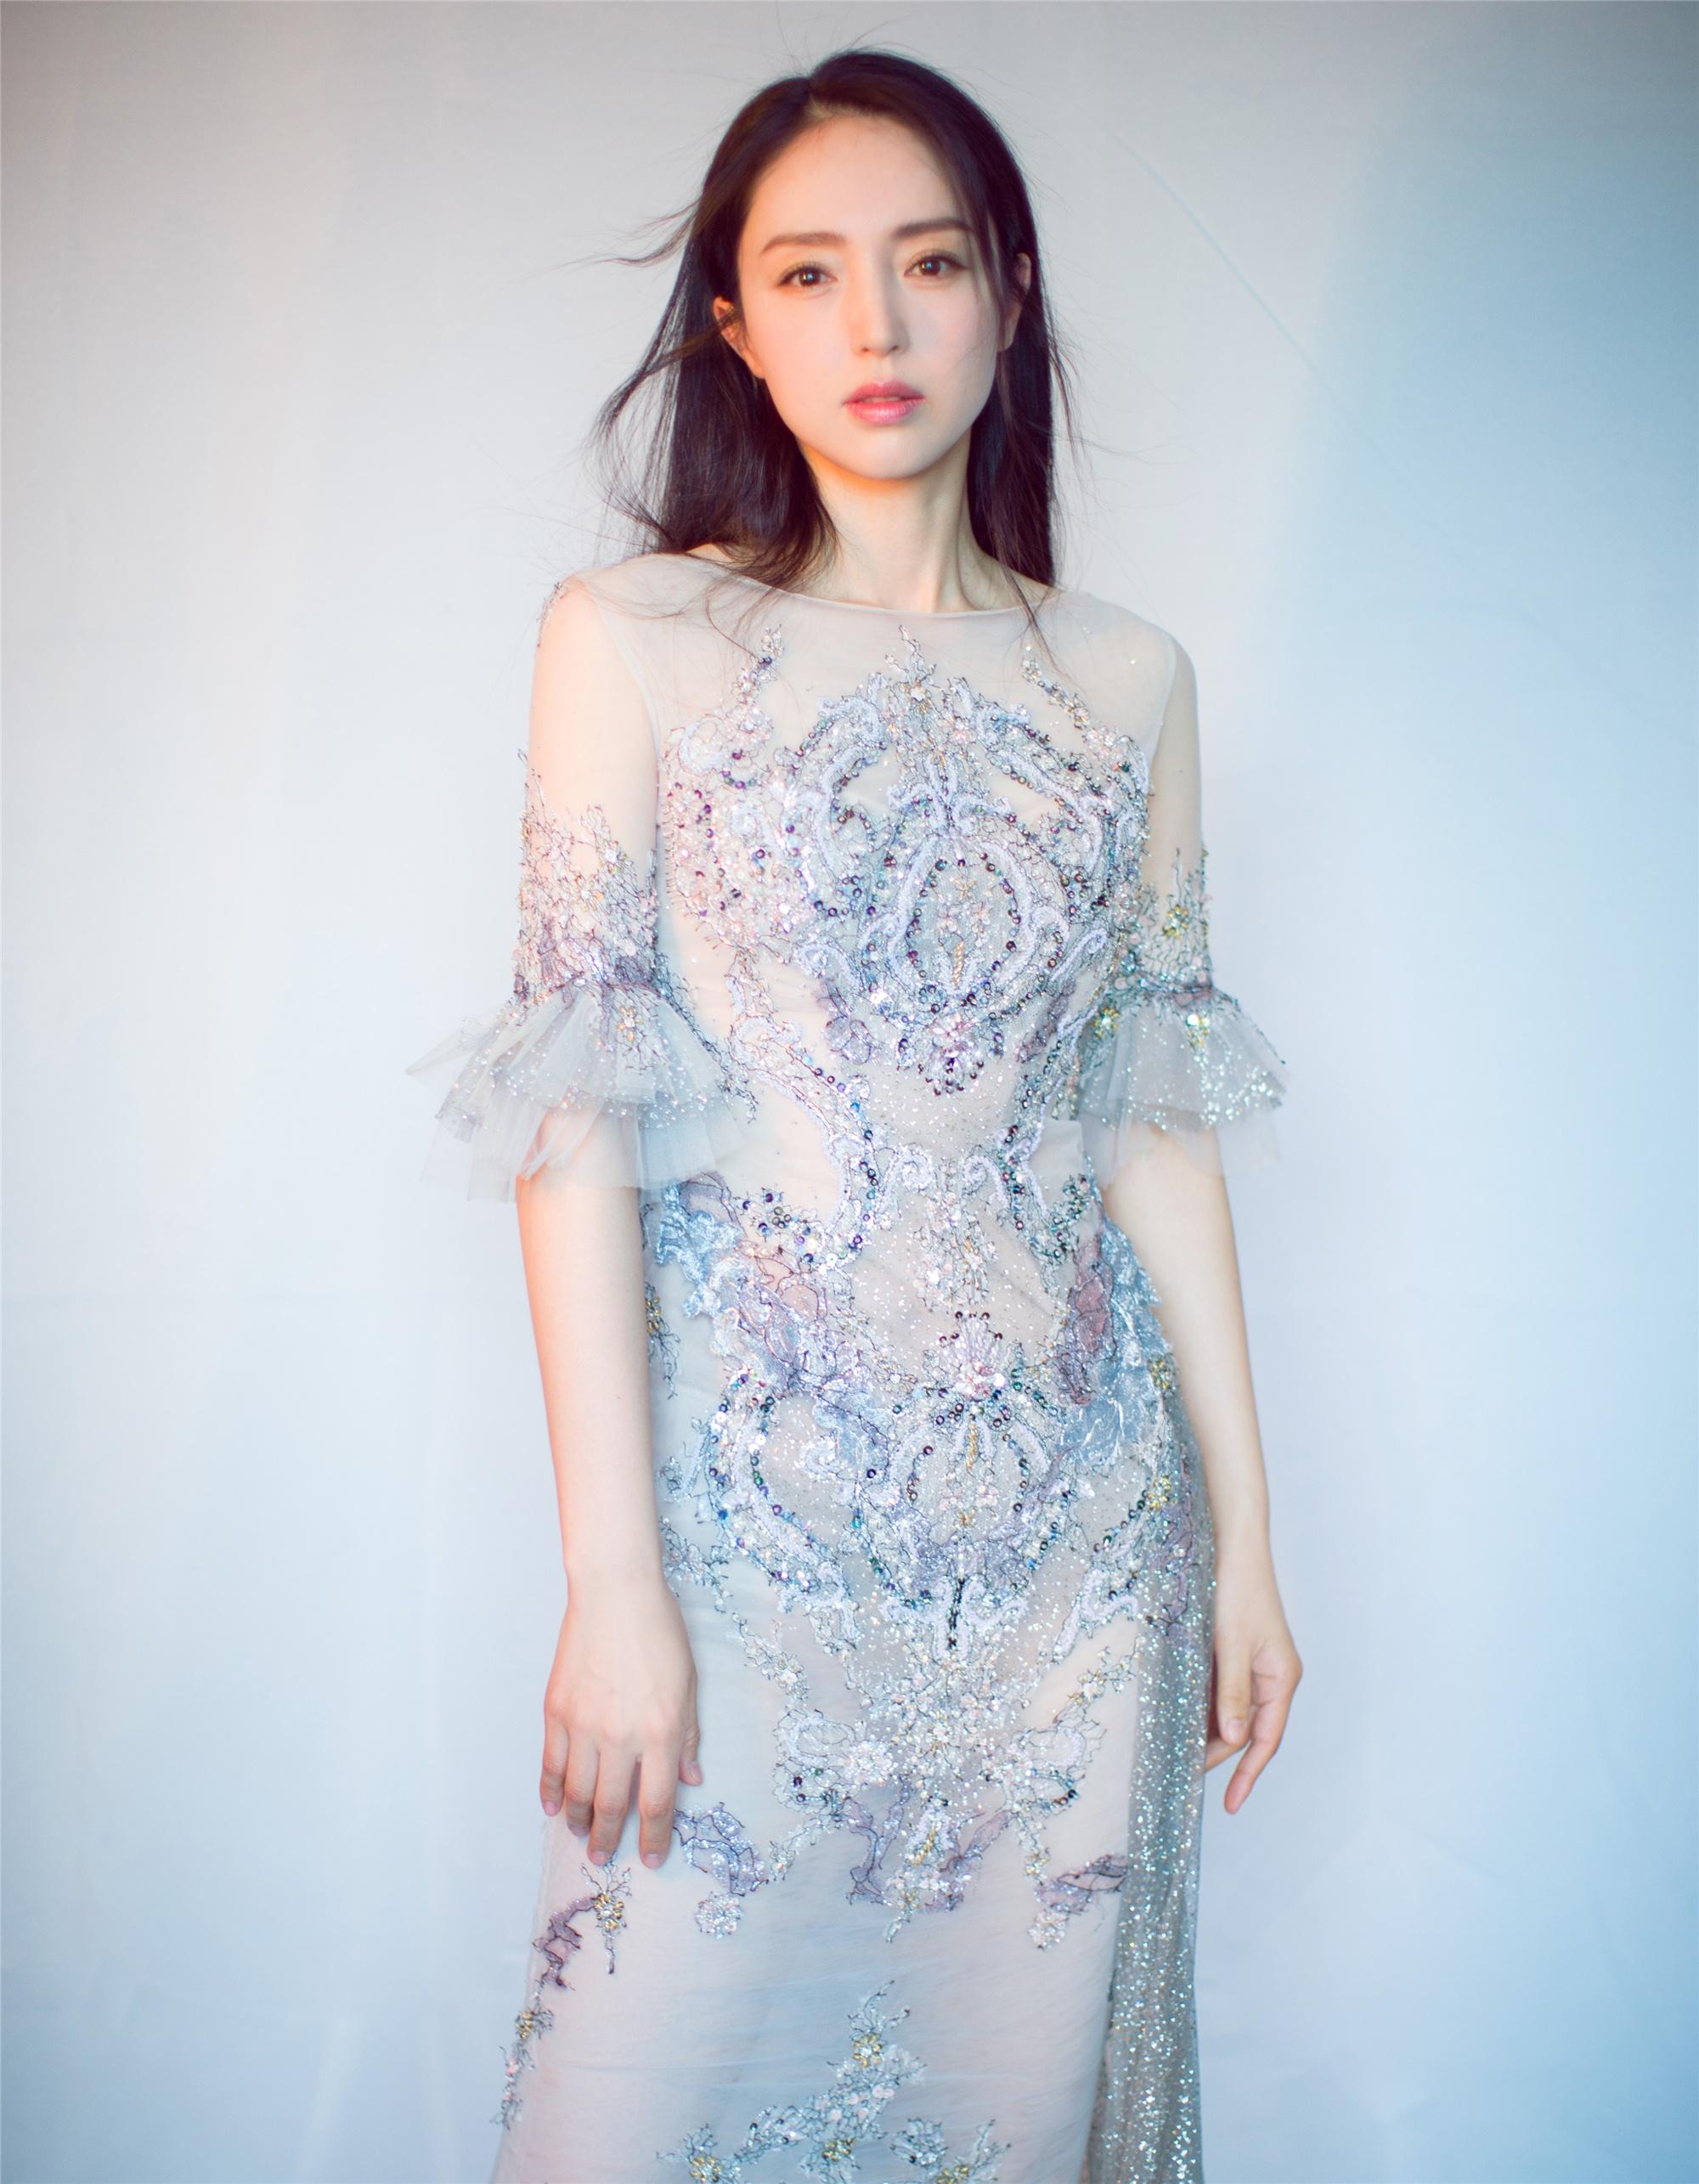 董璇生日写真曝光 柔美优雅好似人鱼公主